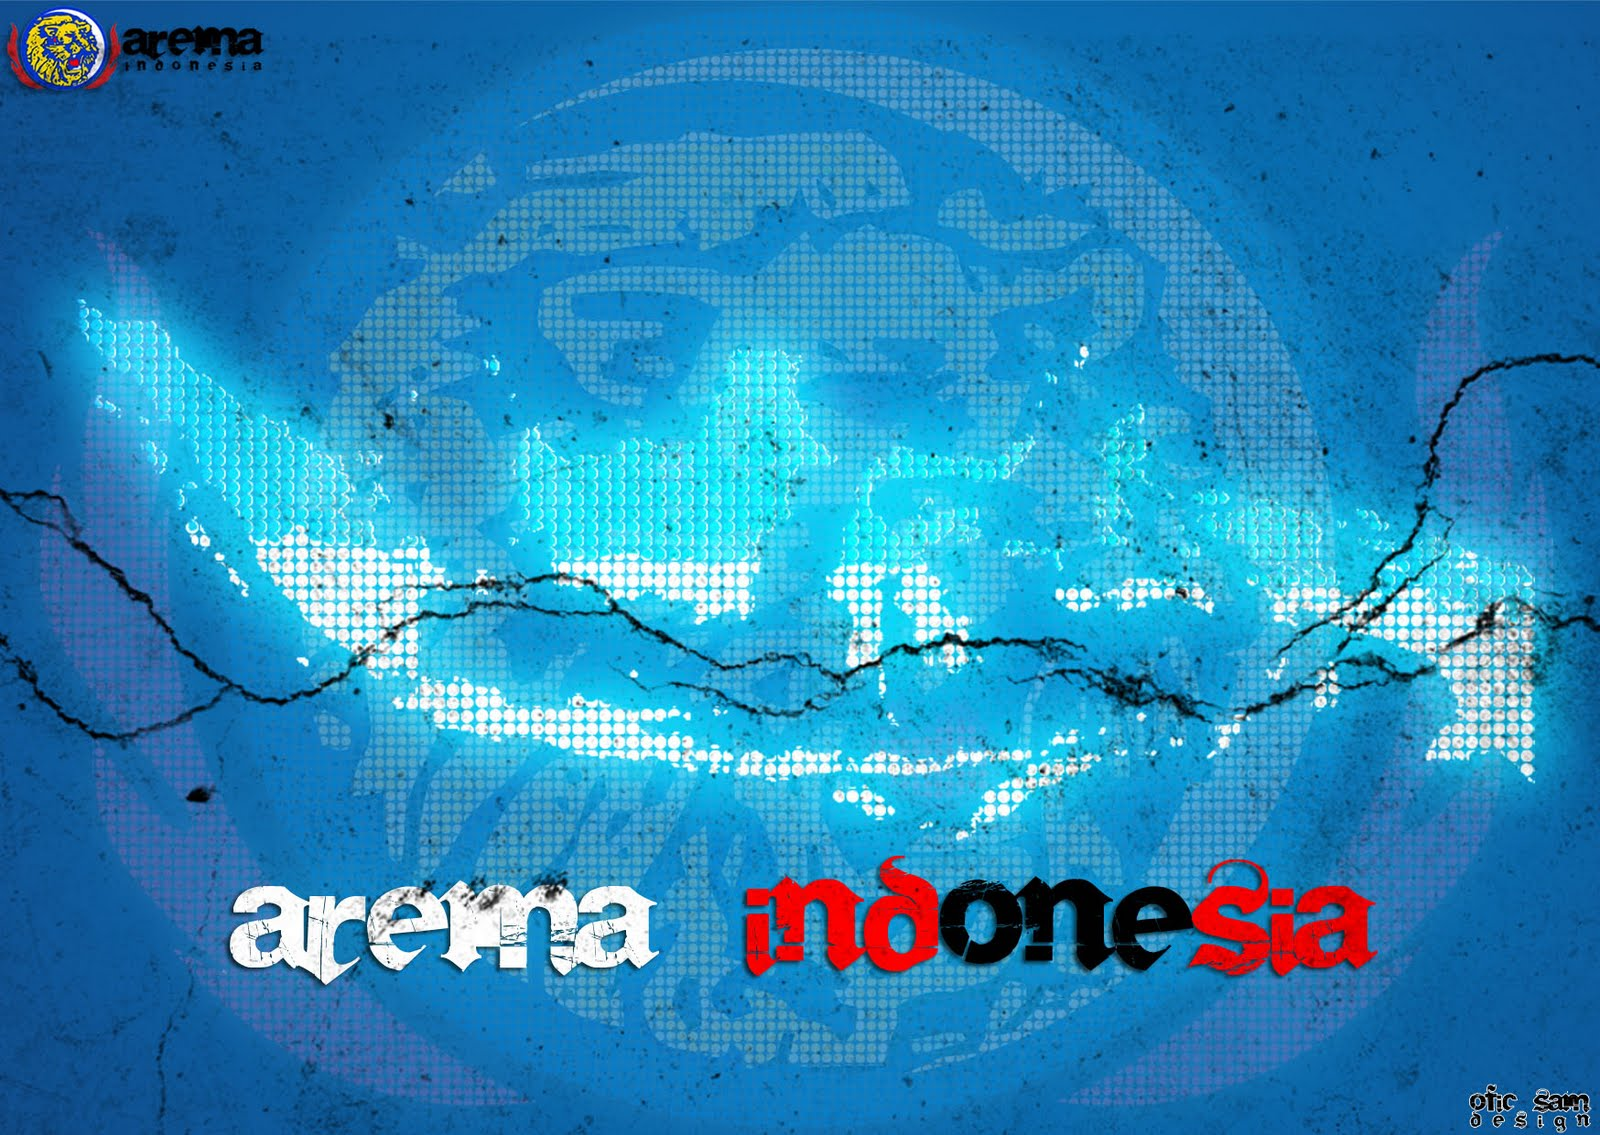 http://4.bp.blogspot.com/-fd84mQLwJhs/TexTf8yPndI/AAAAAAAAATA/B_1mokz9q4I/s1600/wallpaper+arema+indonesia+2011+edisi+JUNI+by+%2528ofic+sam%2529+fb..+boy_gassipers%2540yahoo.co.id+22.jpg